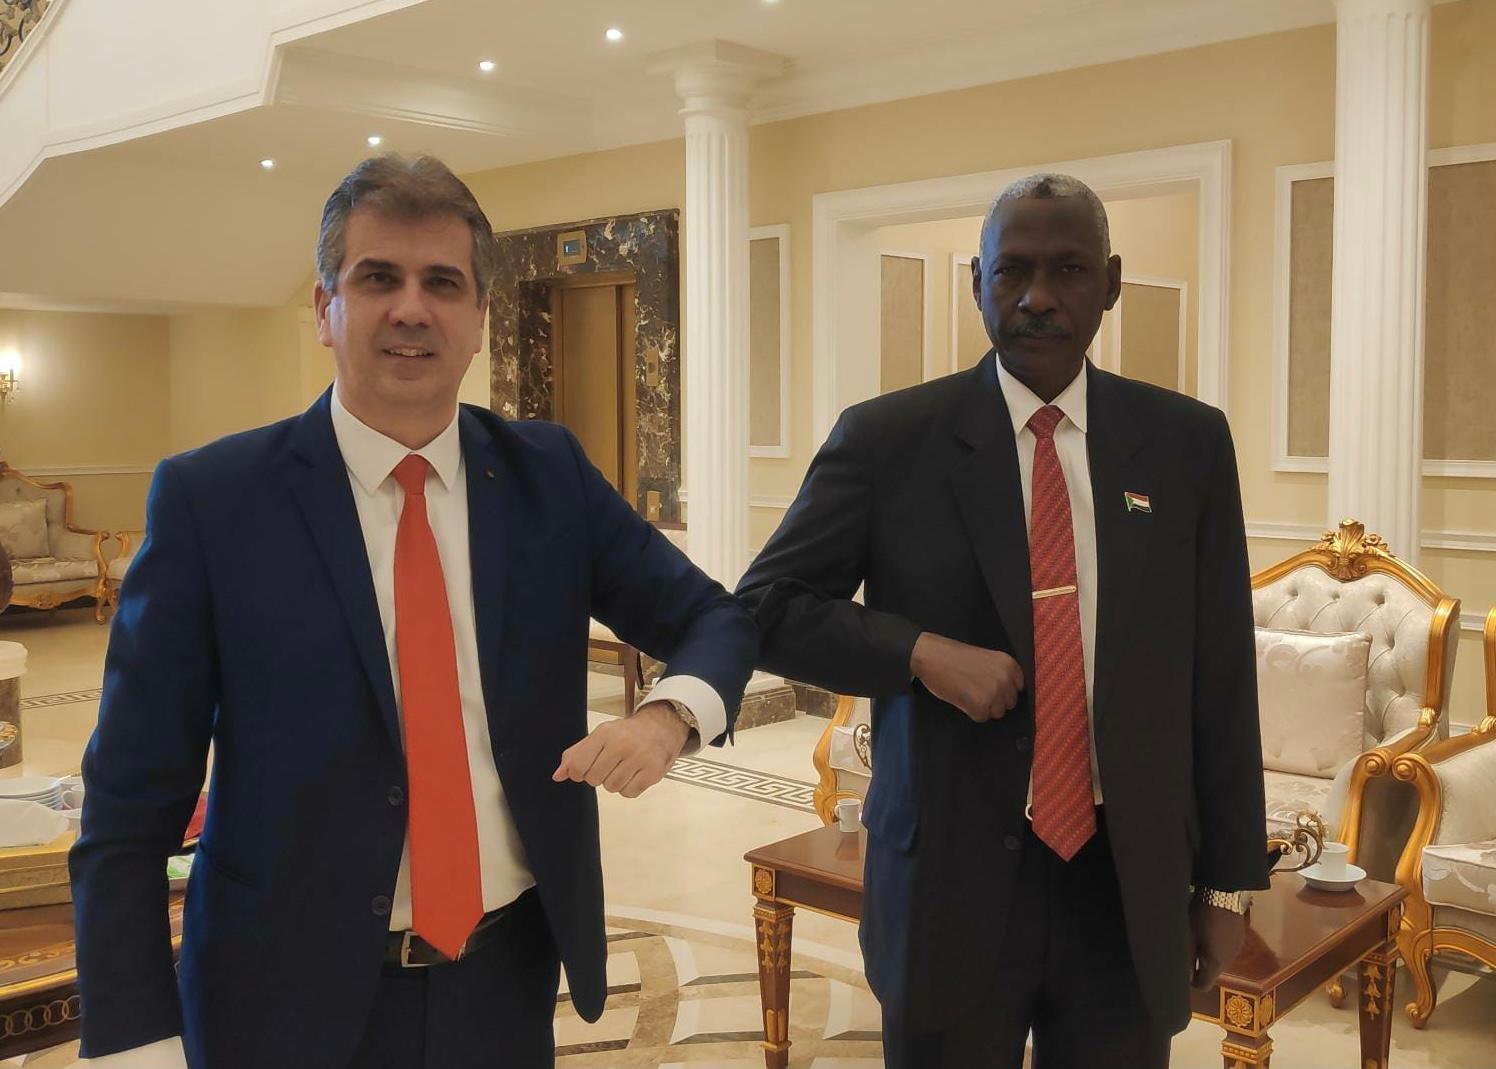 وزير استخباراتي إسرائيلي يزور السودان.. والأخير ينتظر مسؤولاً أمريكياً بعد تصعيد الوضع مع إثيوبيا